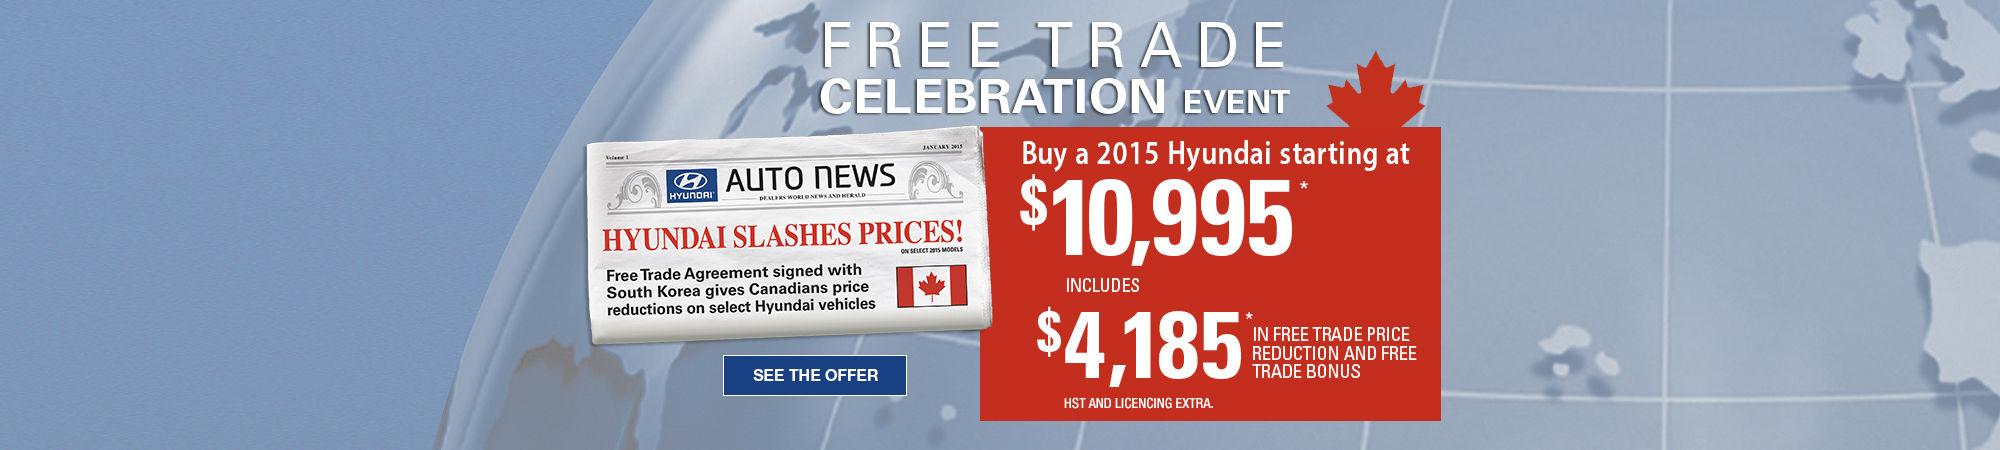 free trade celebration event